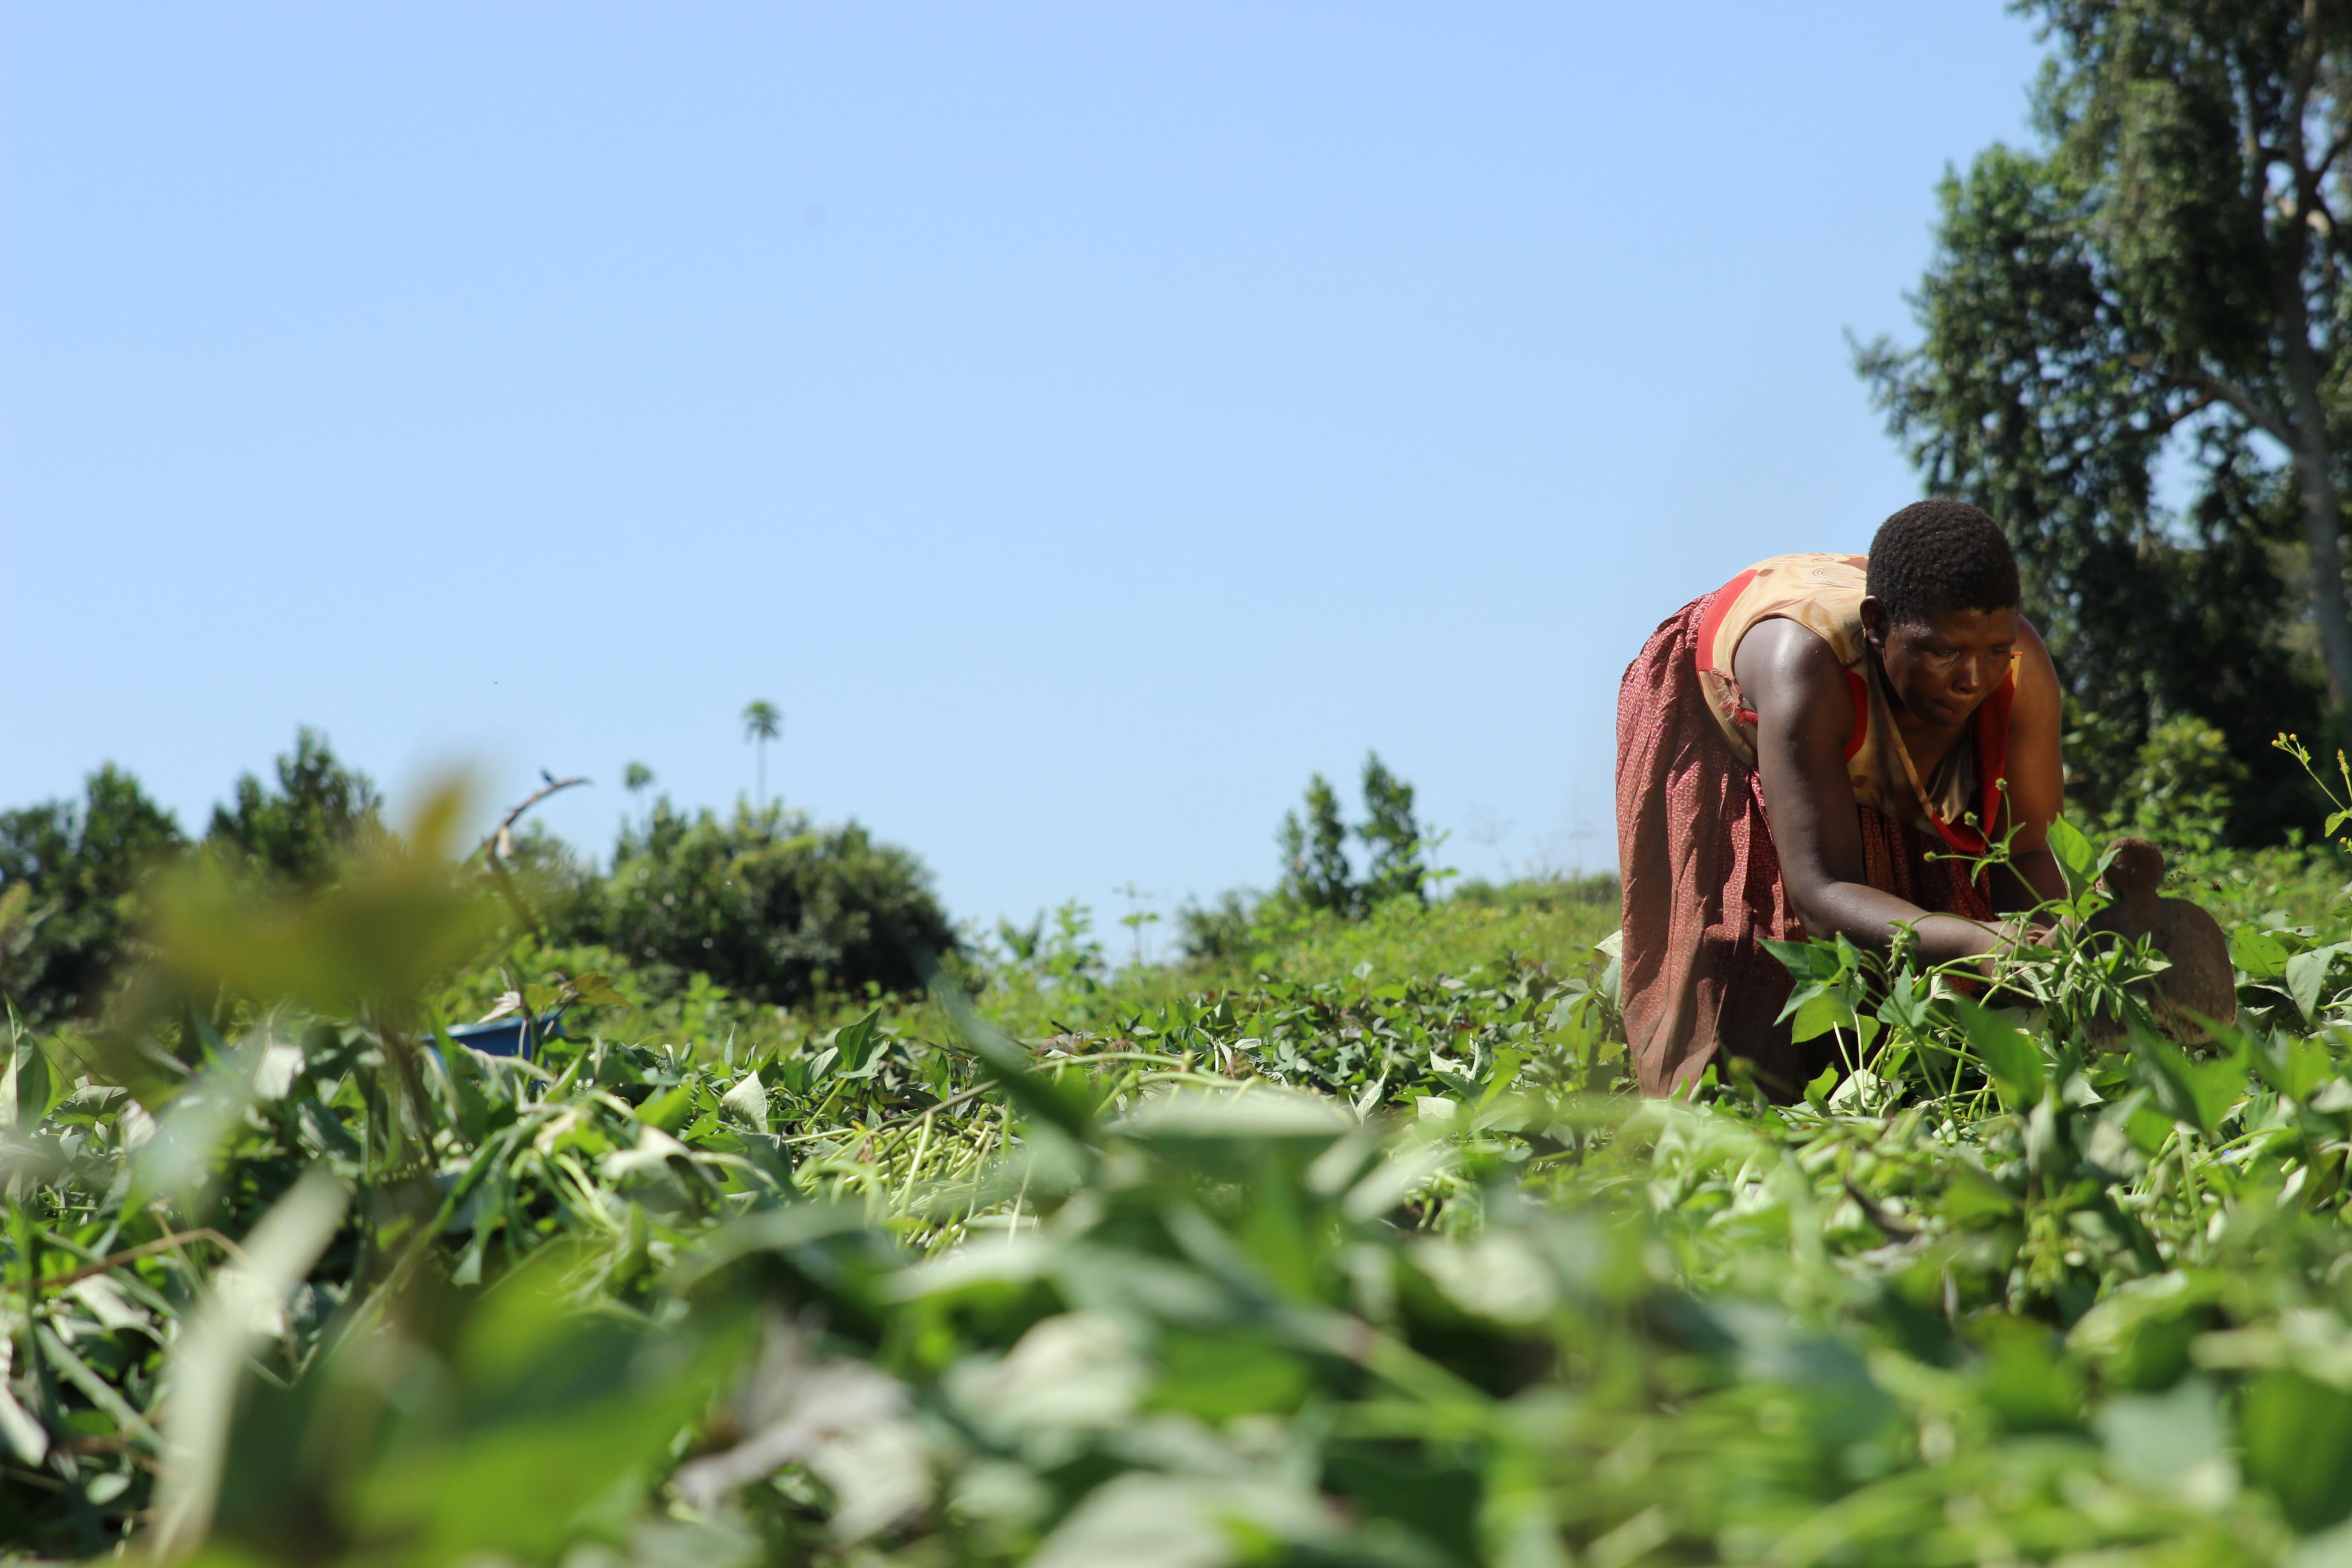 Em um campo verde, sob céu azul sem nuvens, uma mulher negra vestindo saia e camisa de cores vermelha e laranja, está agachada colhendo plantas.